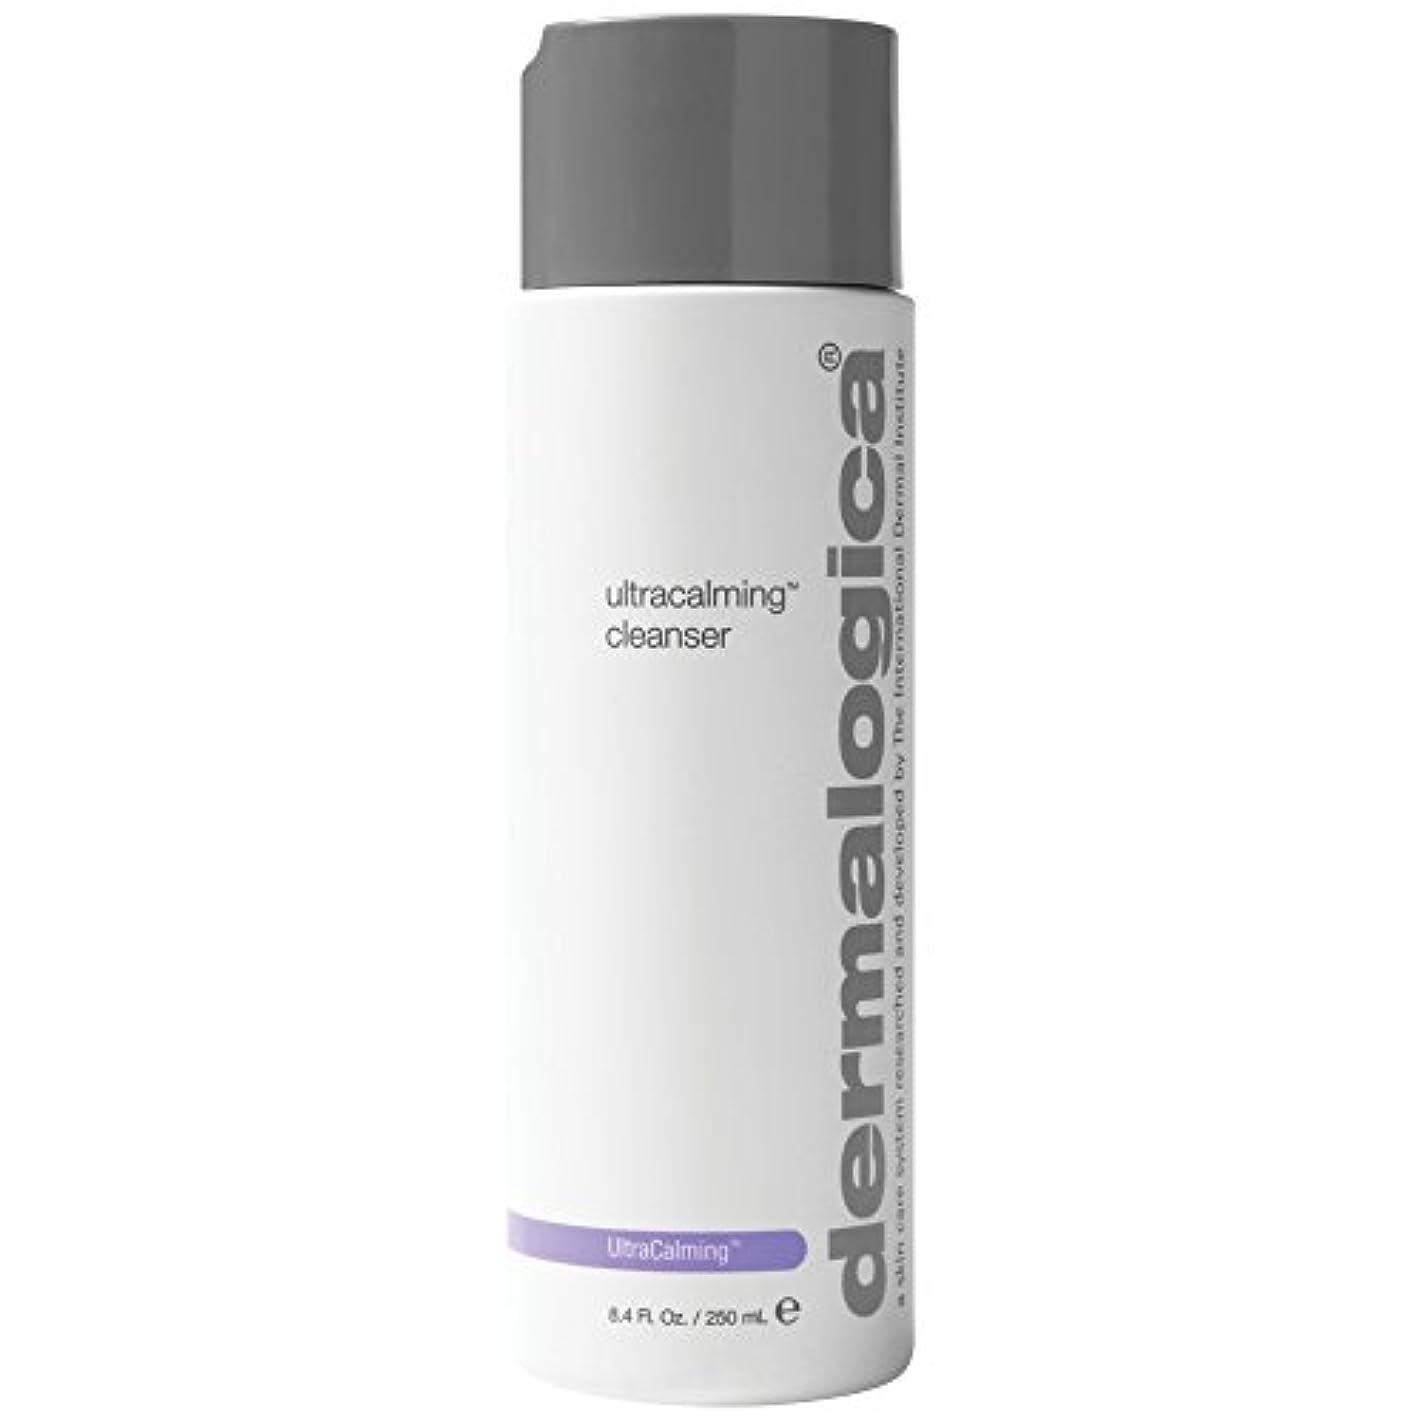 疫病リード剣ダーマロジカUltracalming?クレンザーの250ミリリットル (Dermalogica) (x2) - Dermalogica UltraCalming? Cleanser 250ml (Pack of 2) [...